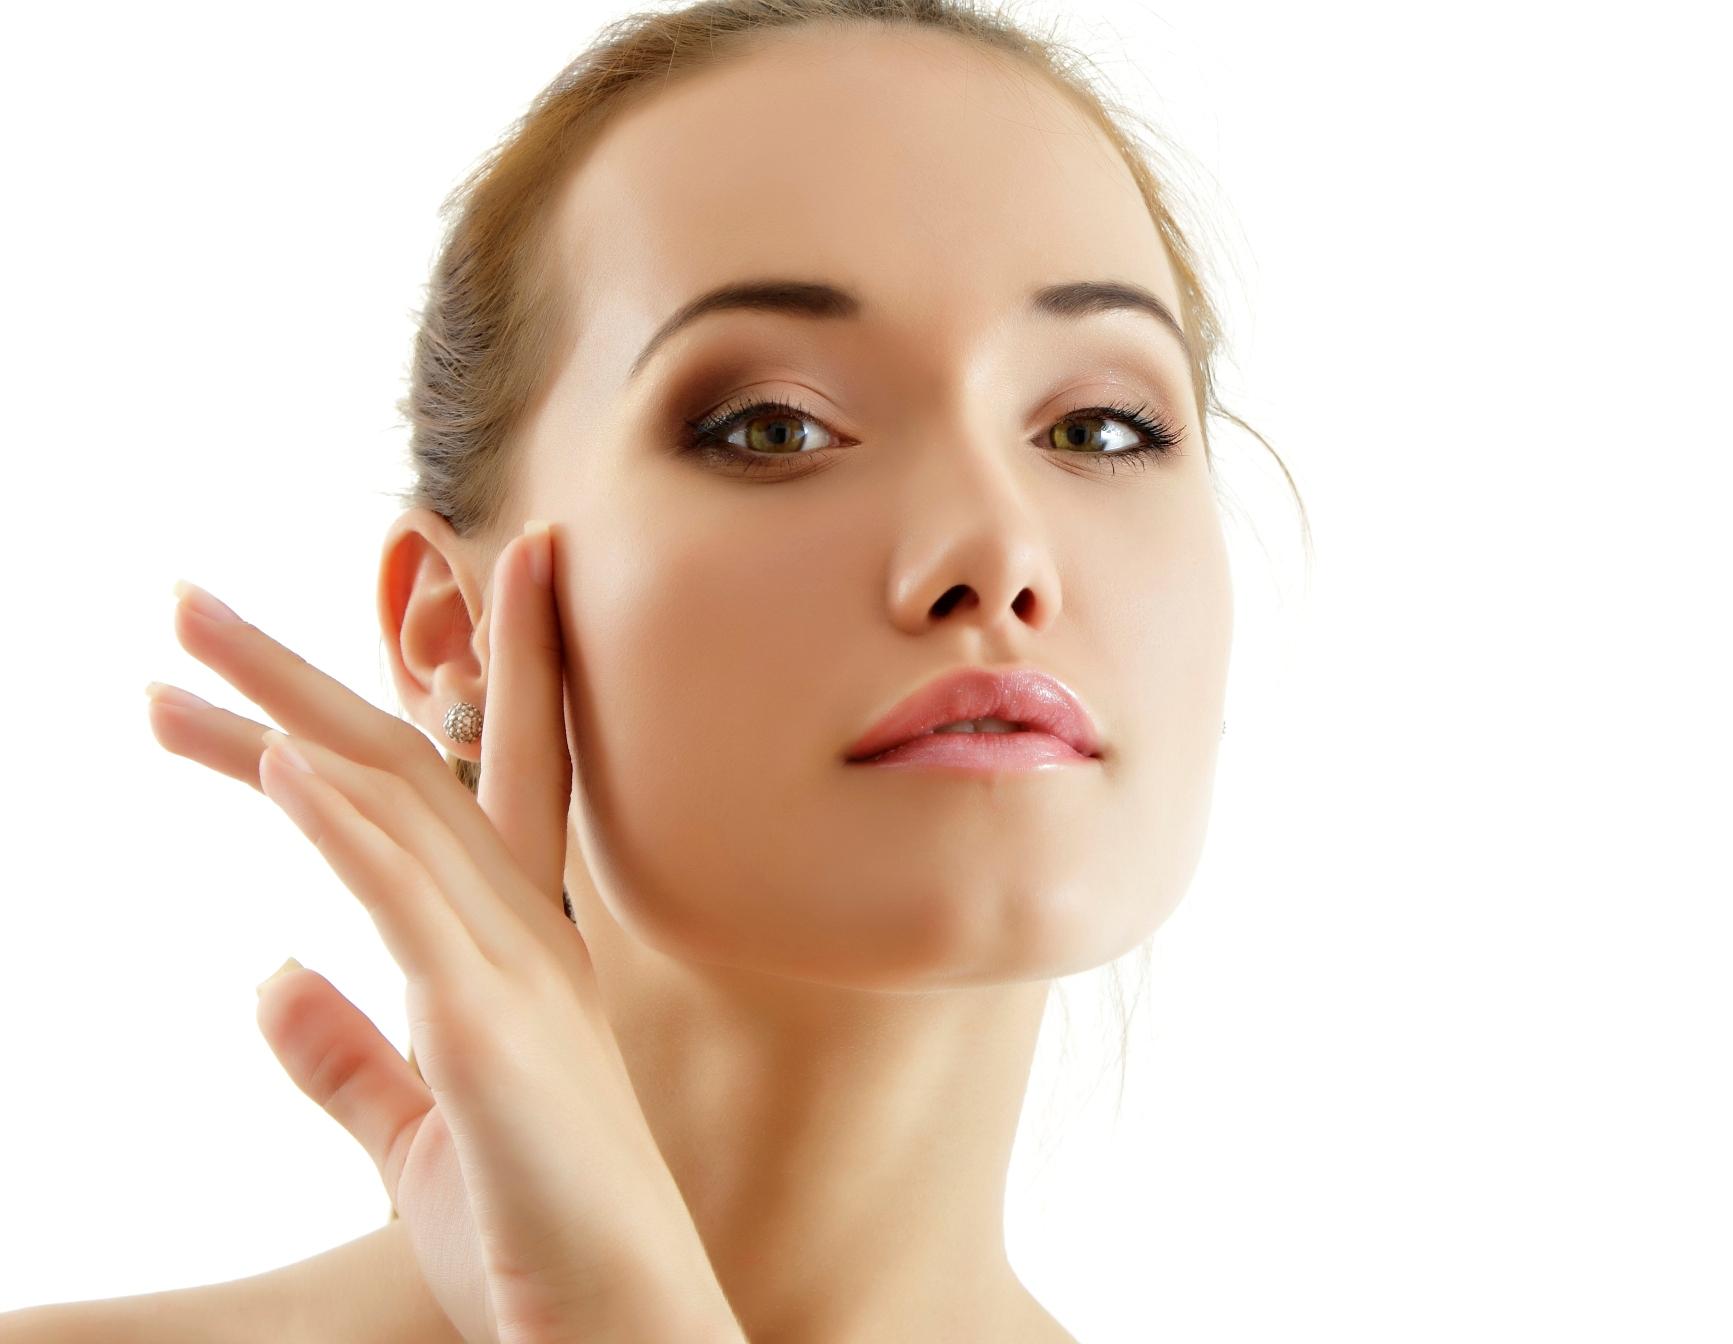 Áp dụng những cách làn da nhờn sẽ lập tức biến mất